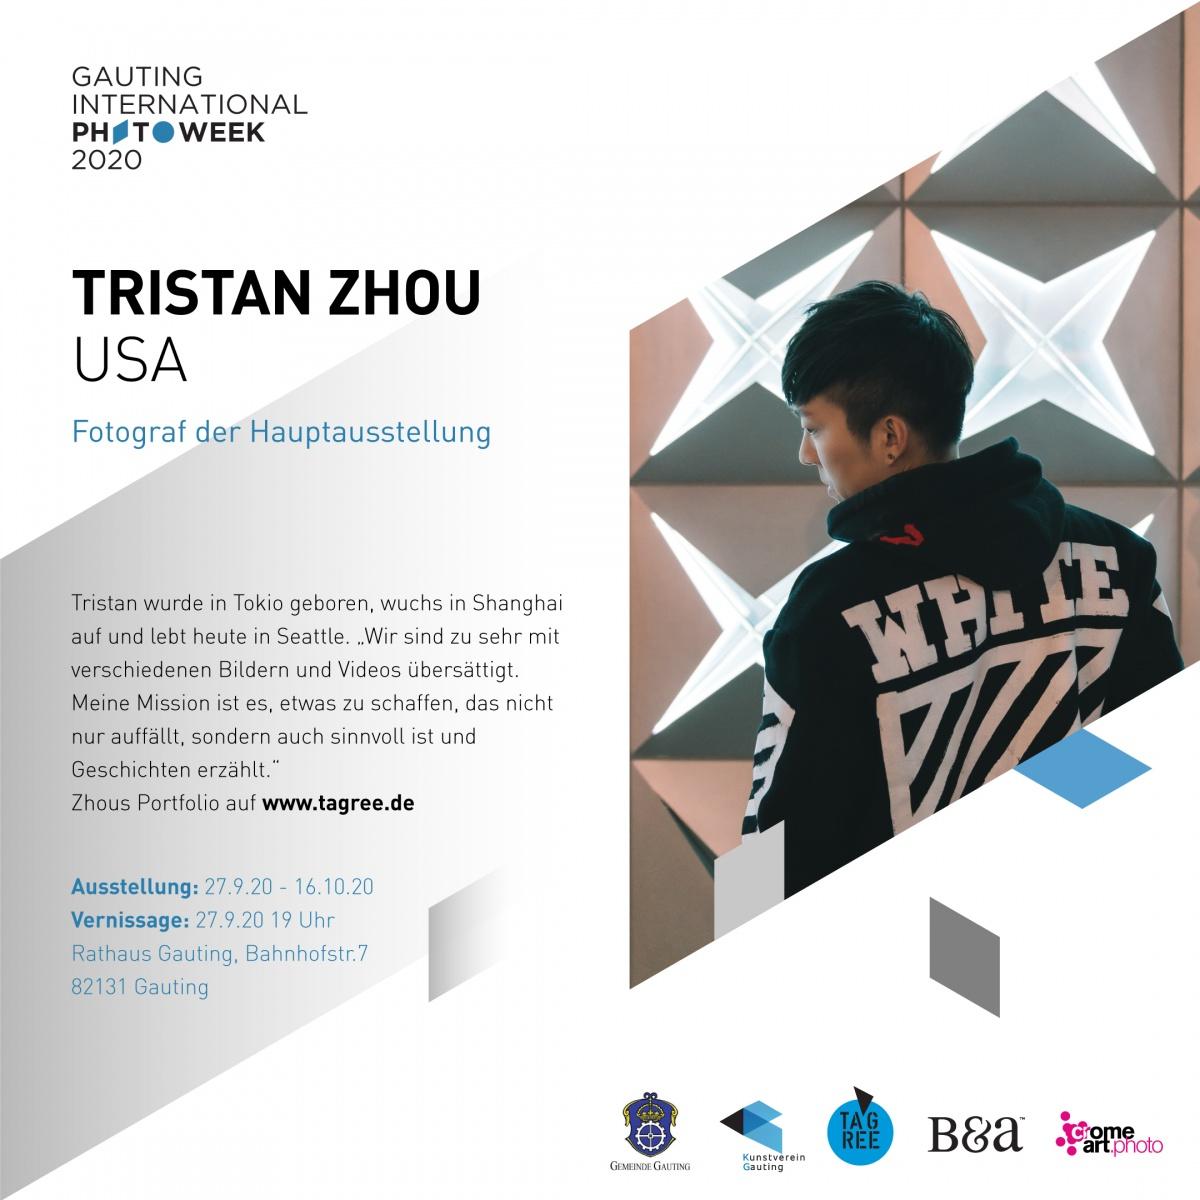 Tristan Zhou / USA